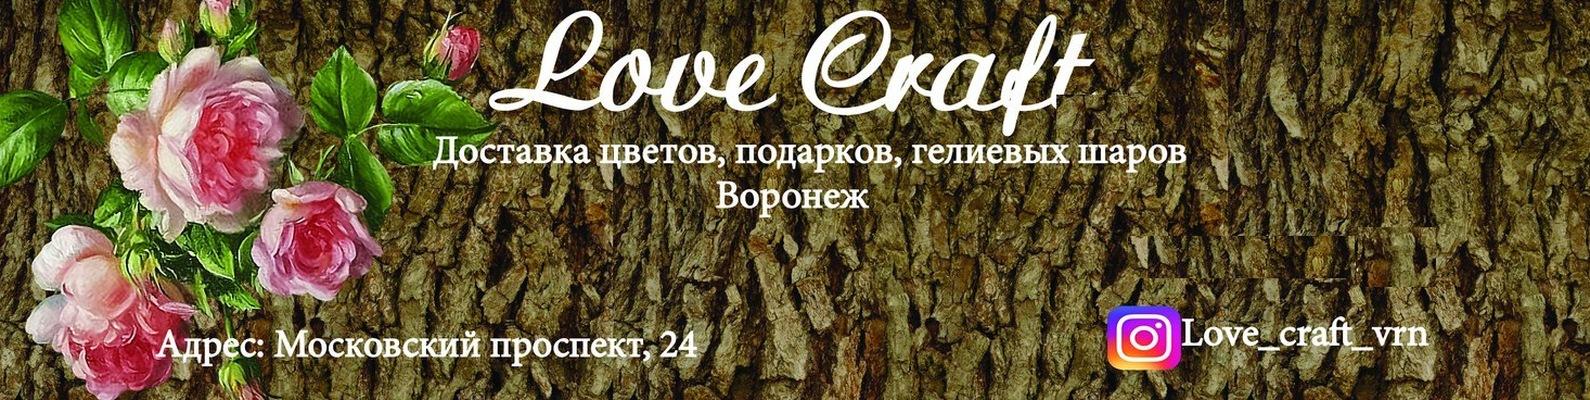 dostavka-tsvetov-moskovskiy-prospekt